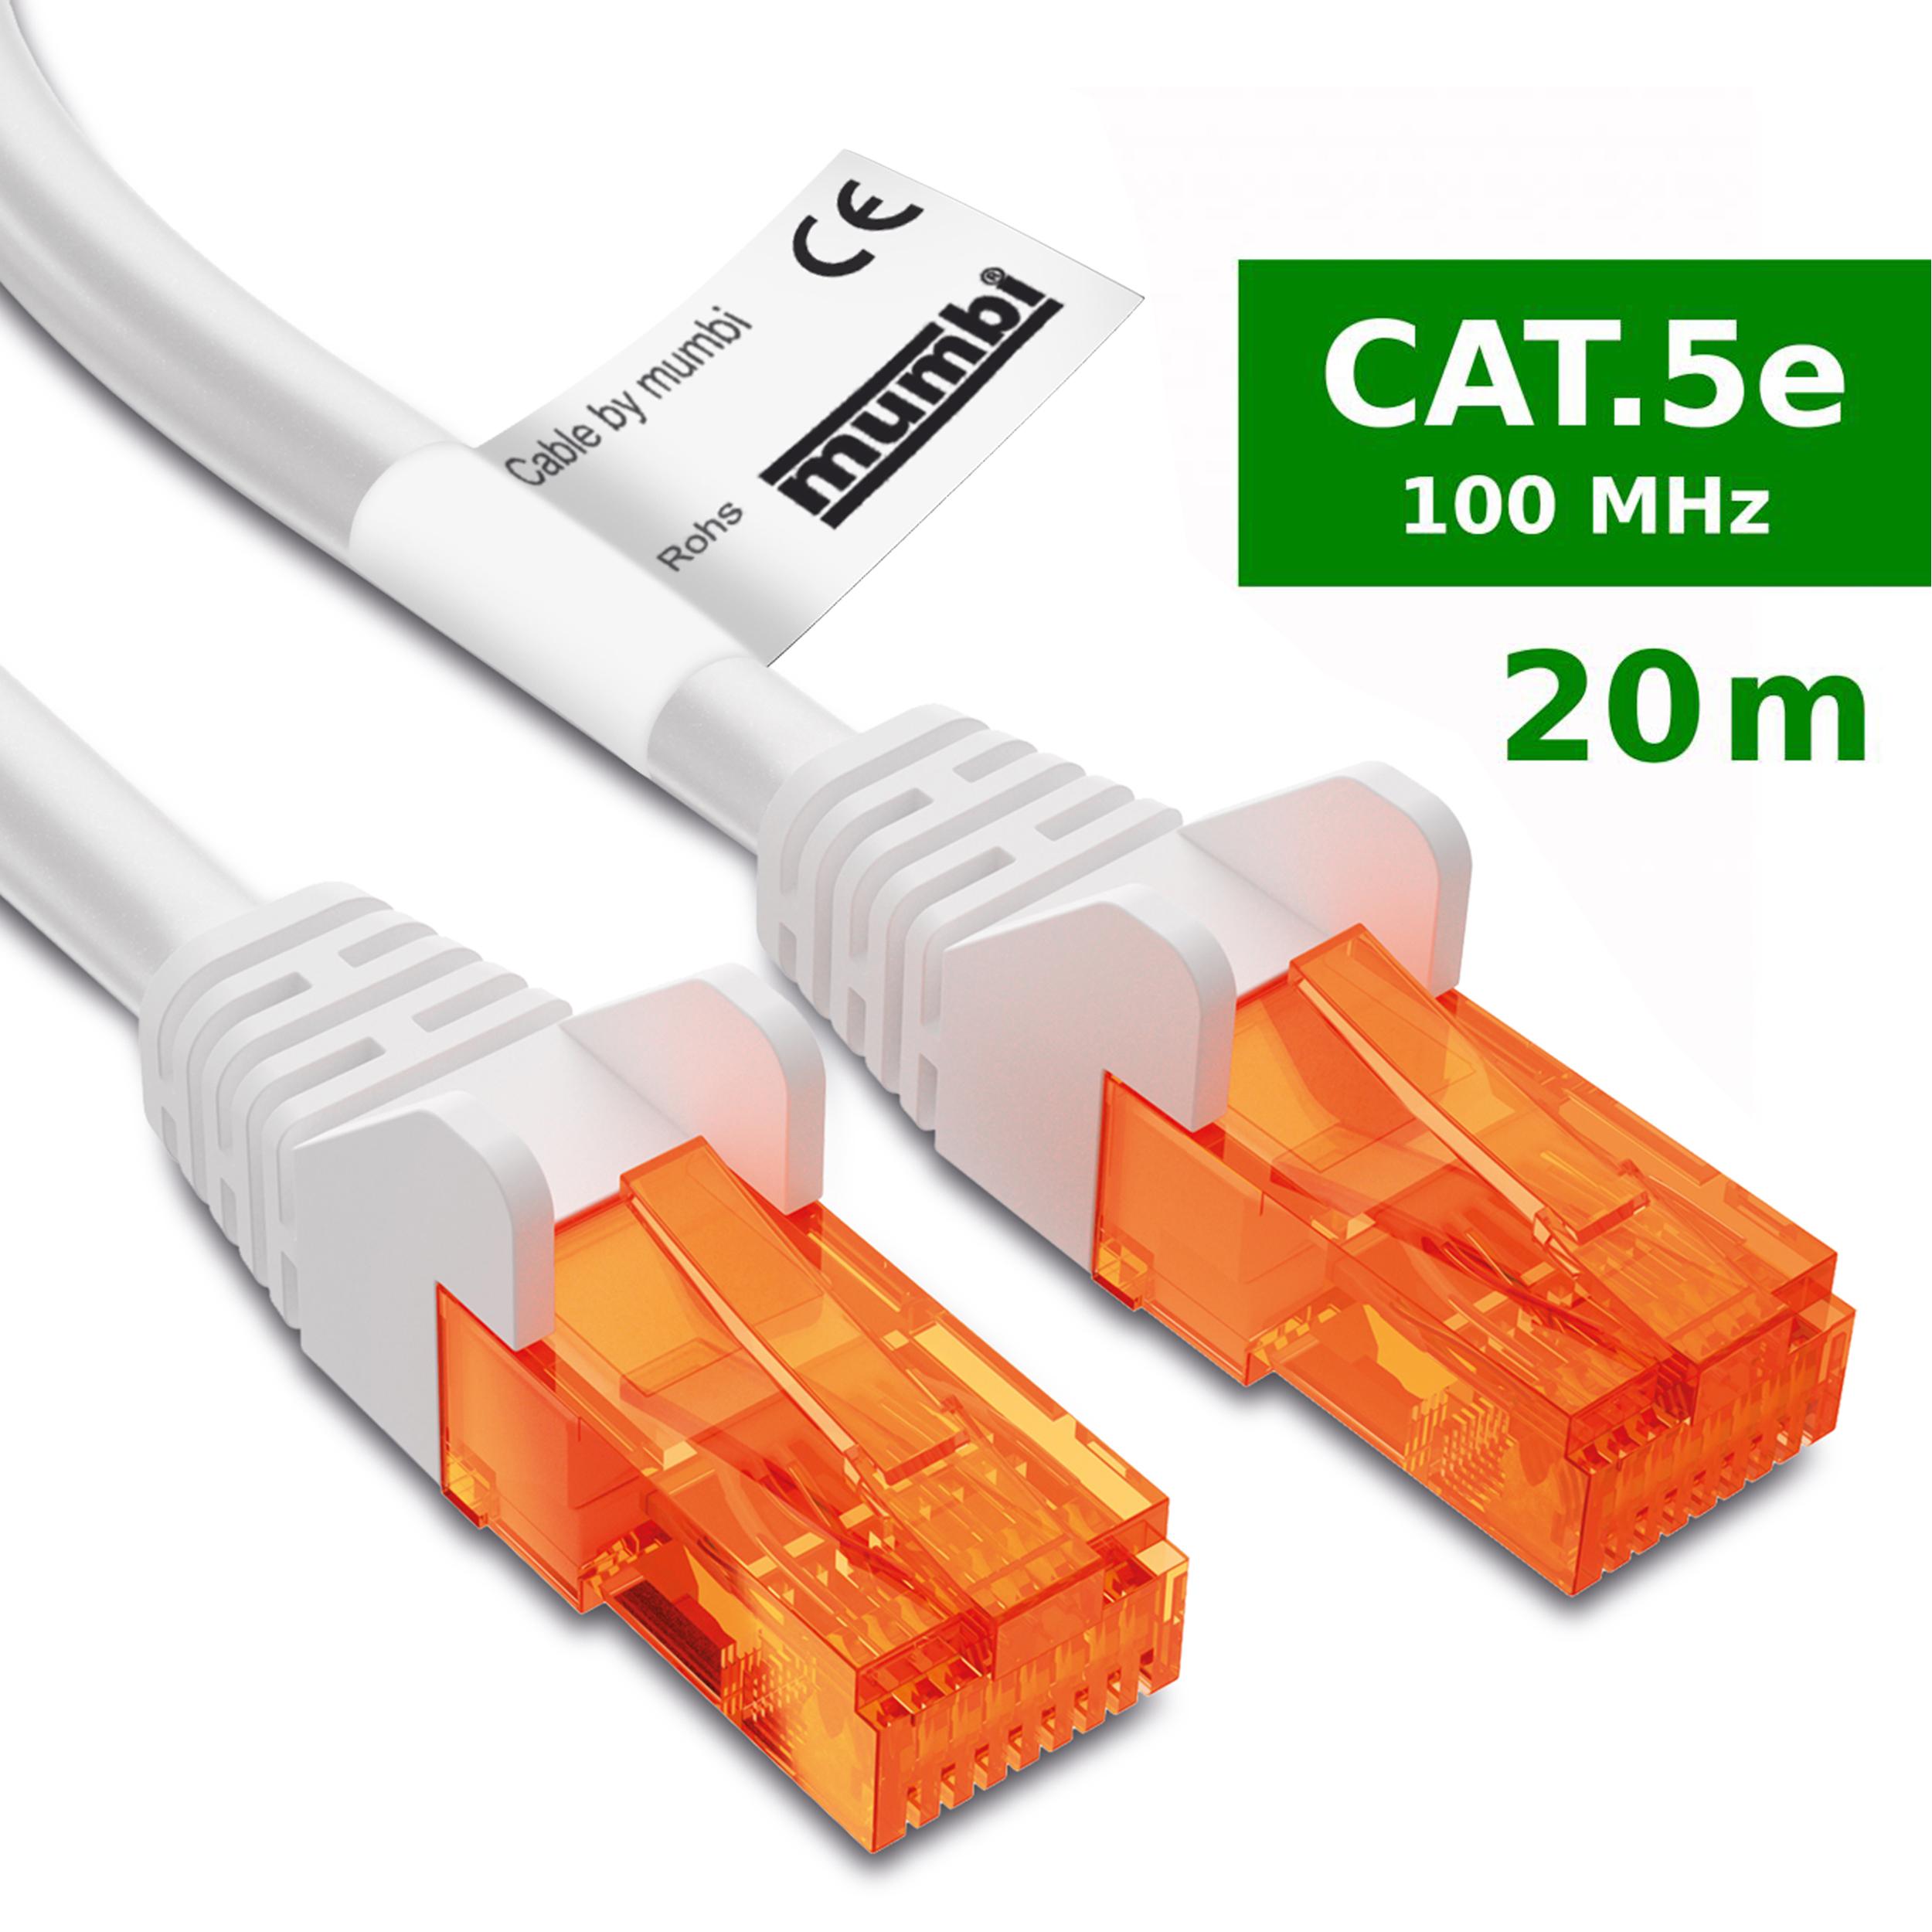 Berühmt Wie Kabel Cat 5 Kabel Zeitgenössisch - Elektrische ...